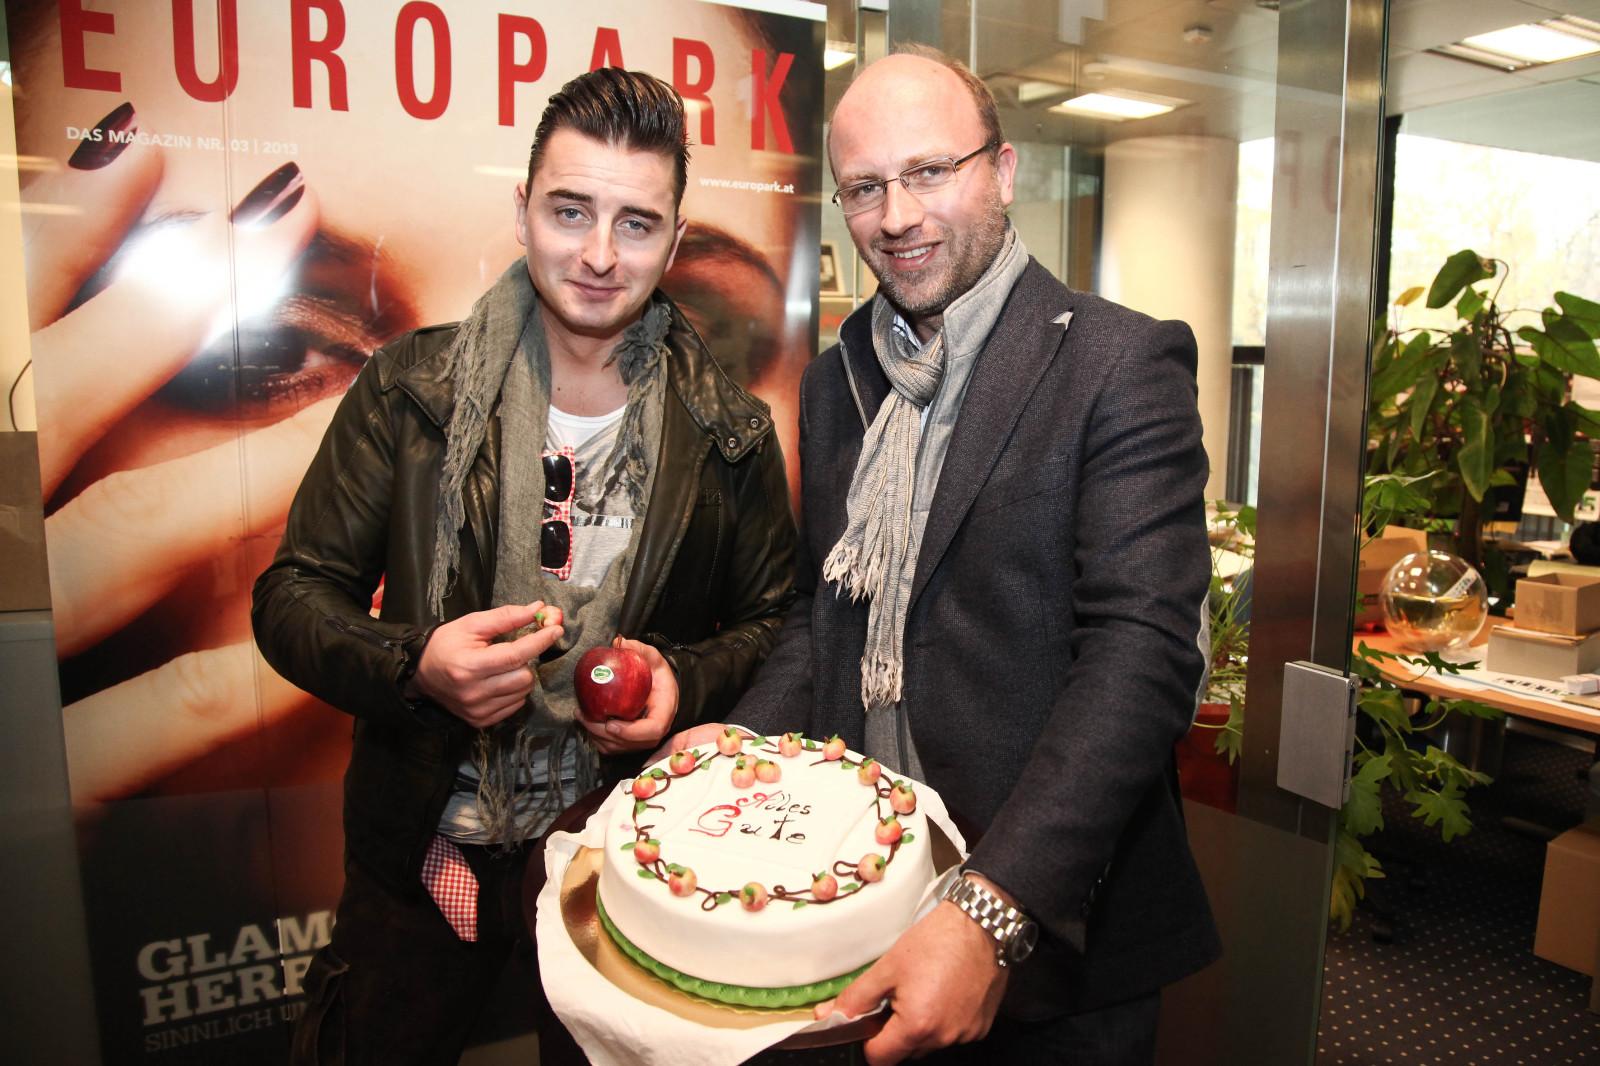 Stars präsentieren ihre CDs im Europark. Andreas Gabalier und  Christoph Andexlinger.